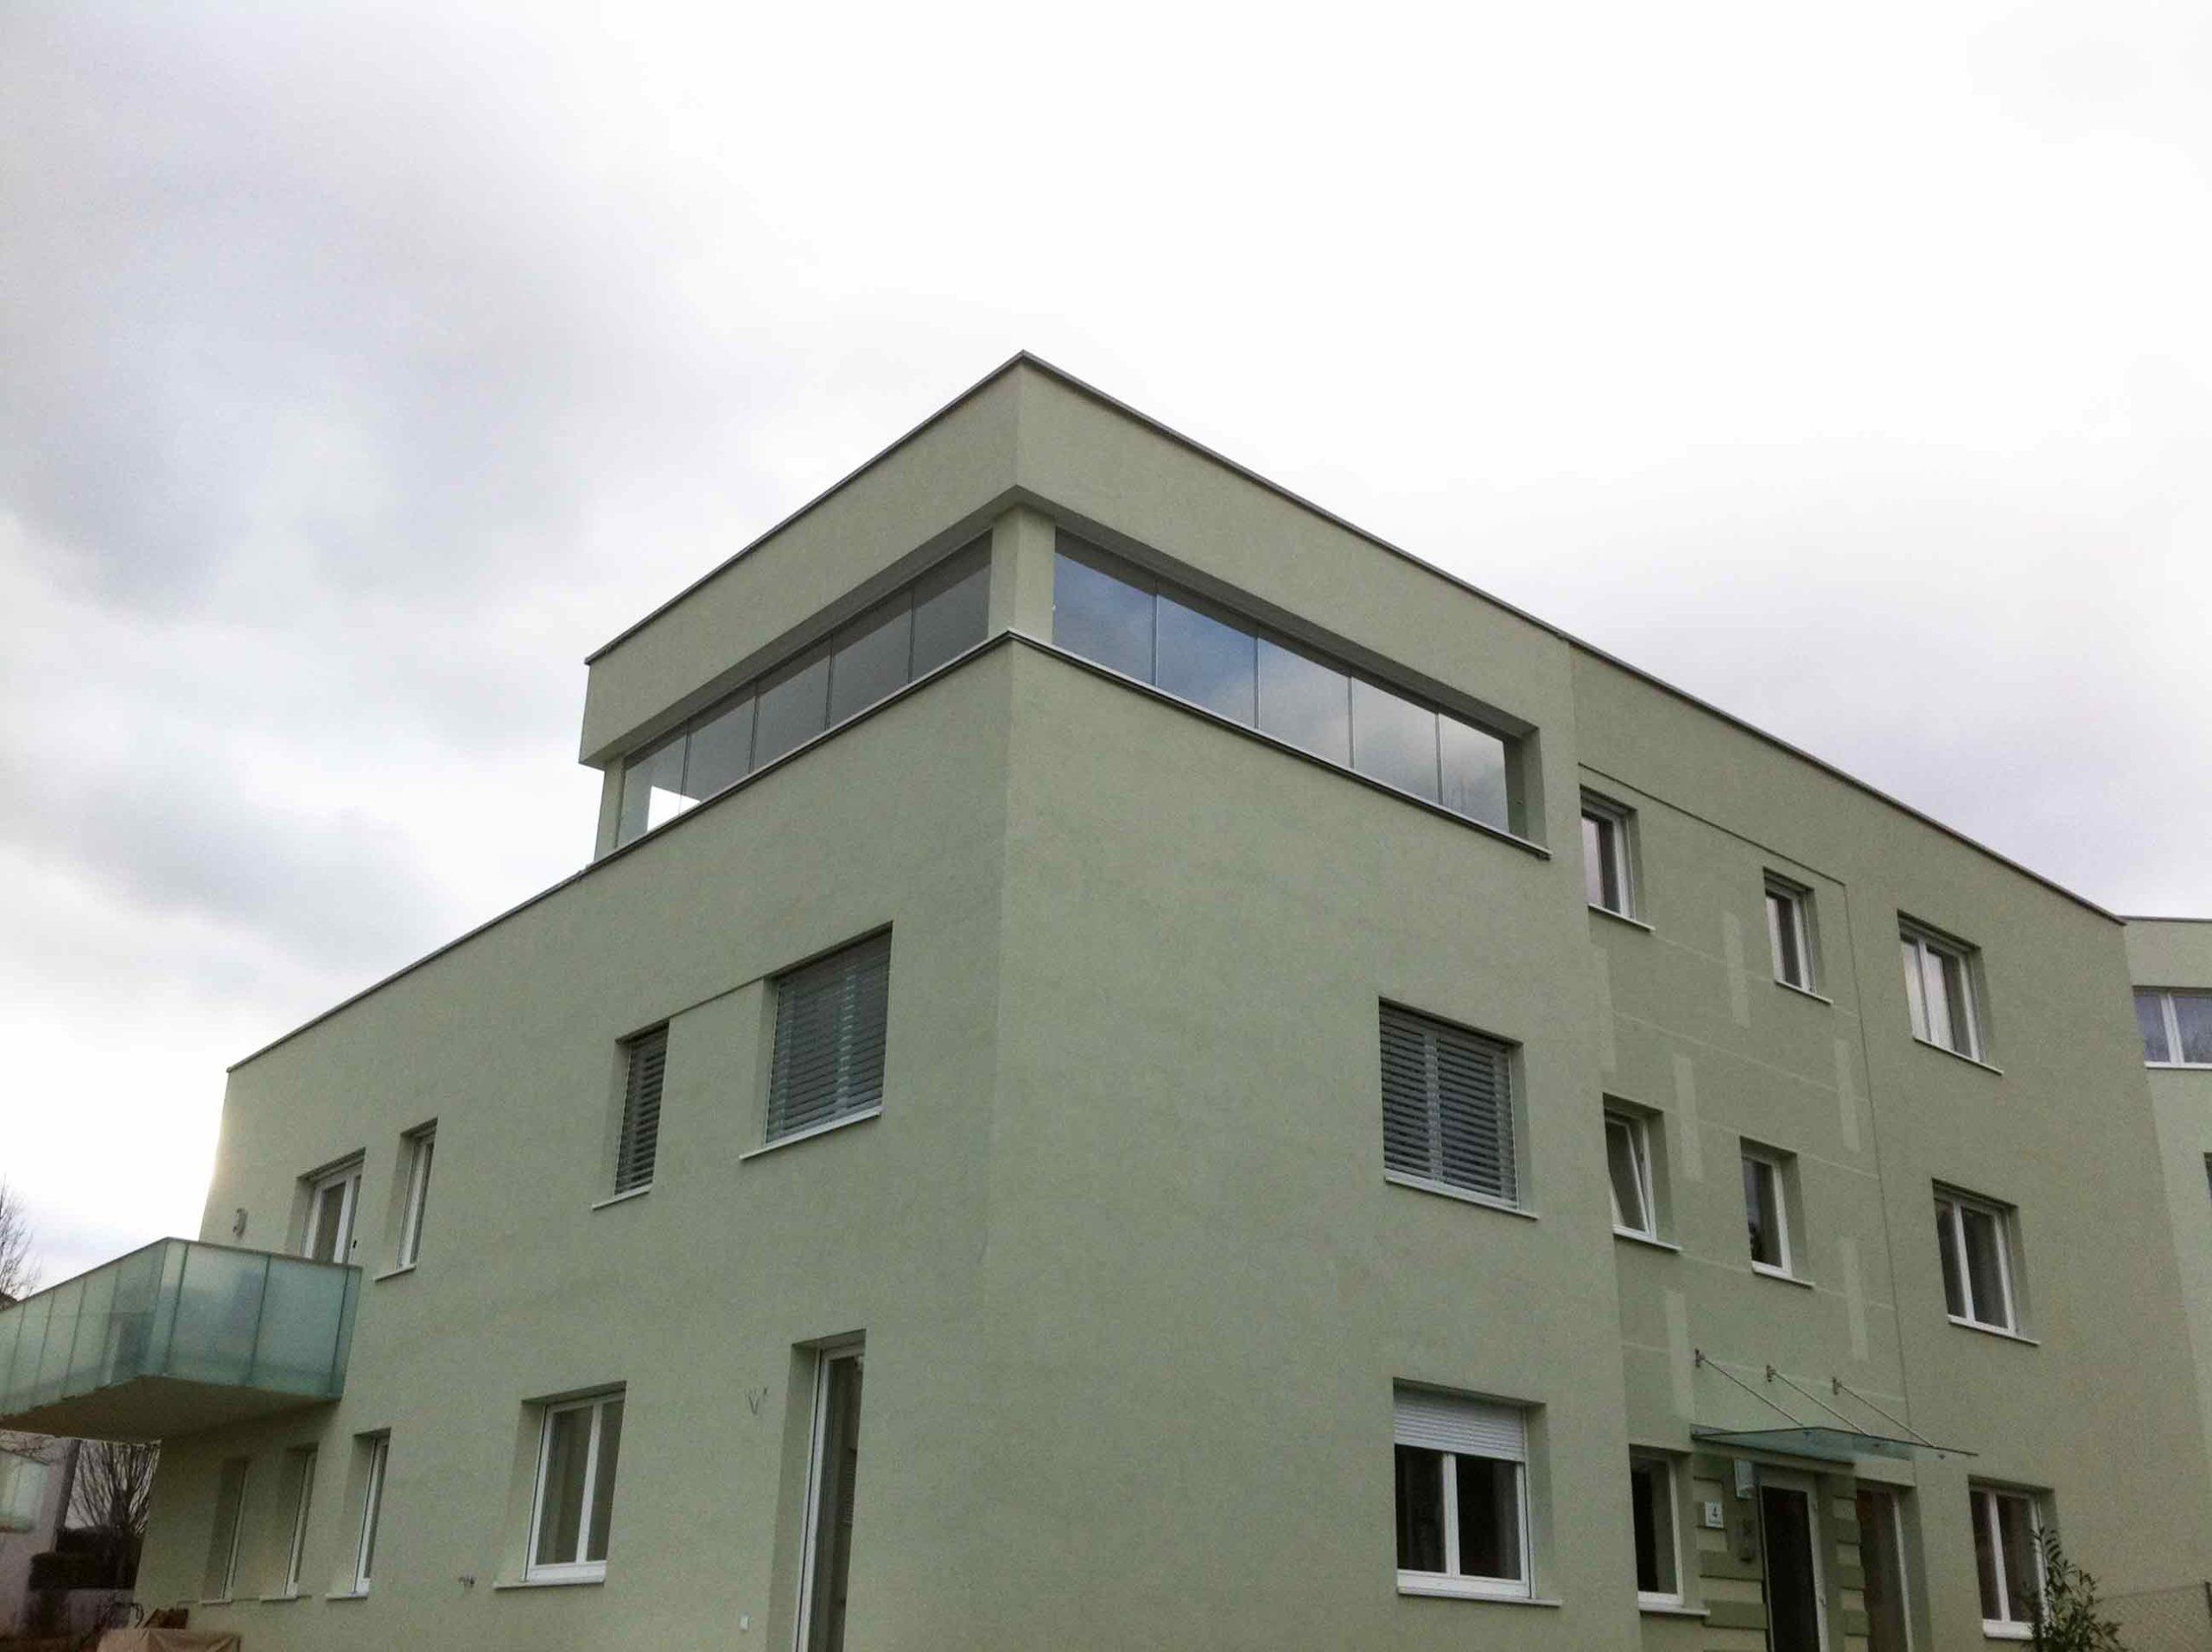 5-teilige Schiebeelemente für Balkon